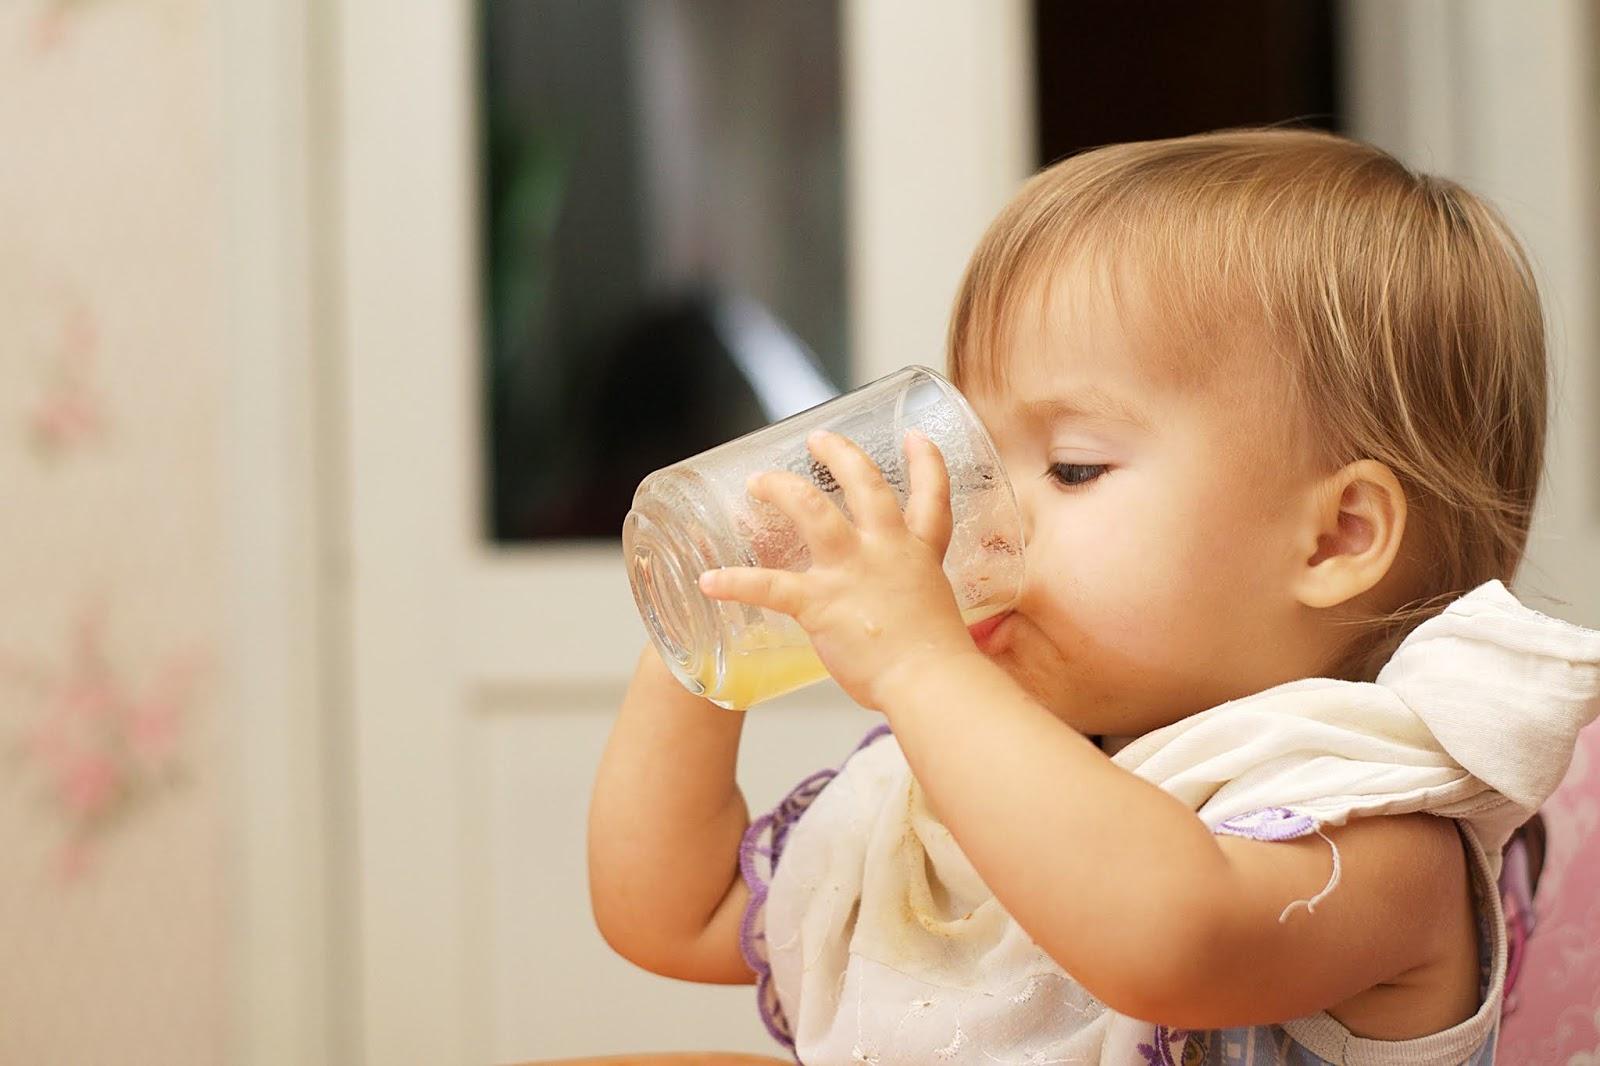 bebê mamando mamadeira-maternidade-mães-e-filhos-família-amor-recém-nascido-bebê-leite-materno-amamentação-suco-para-bebes